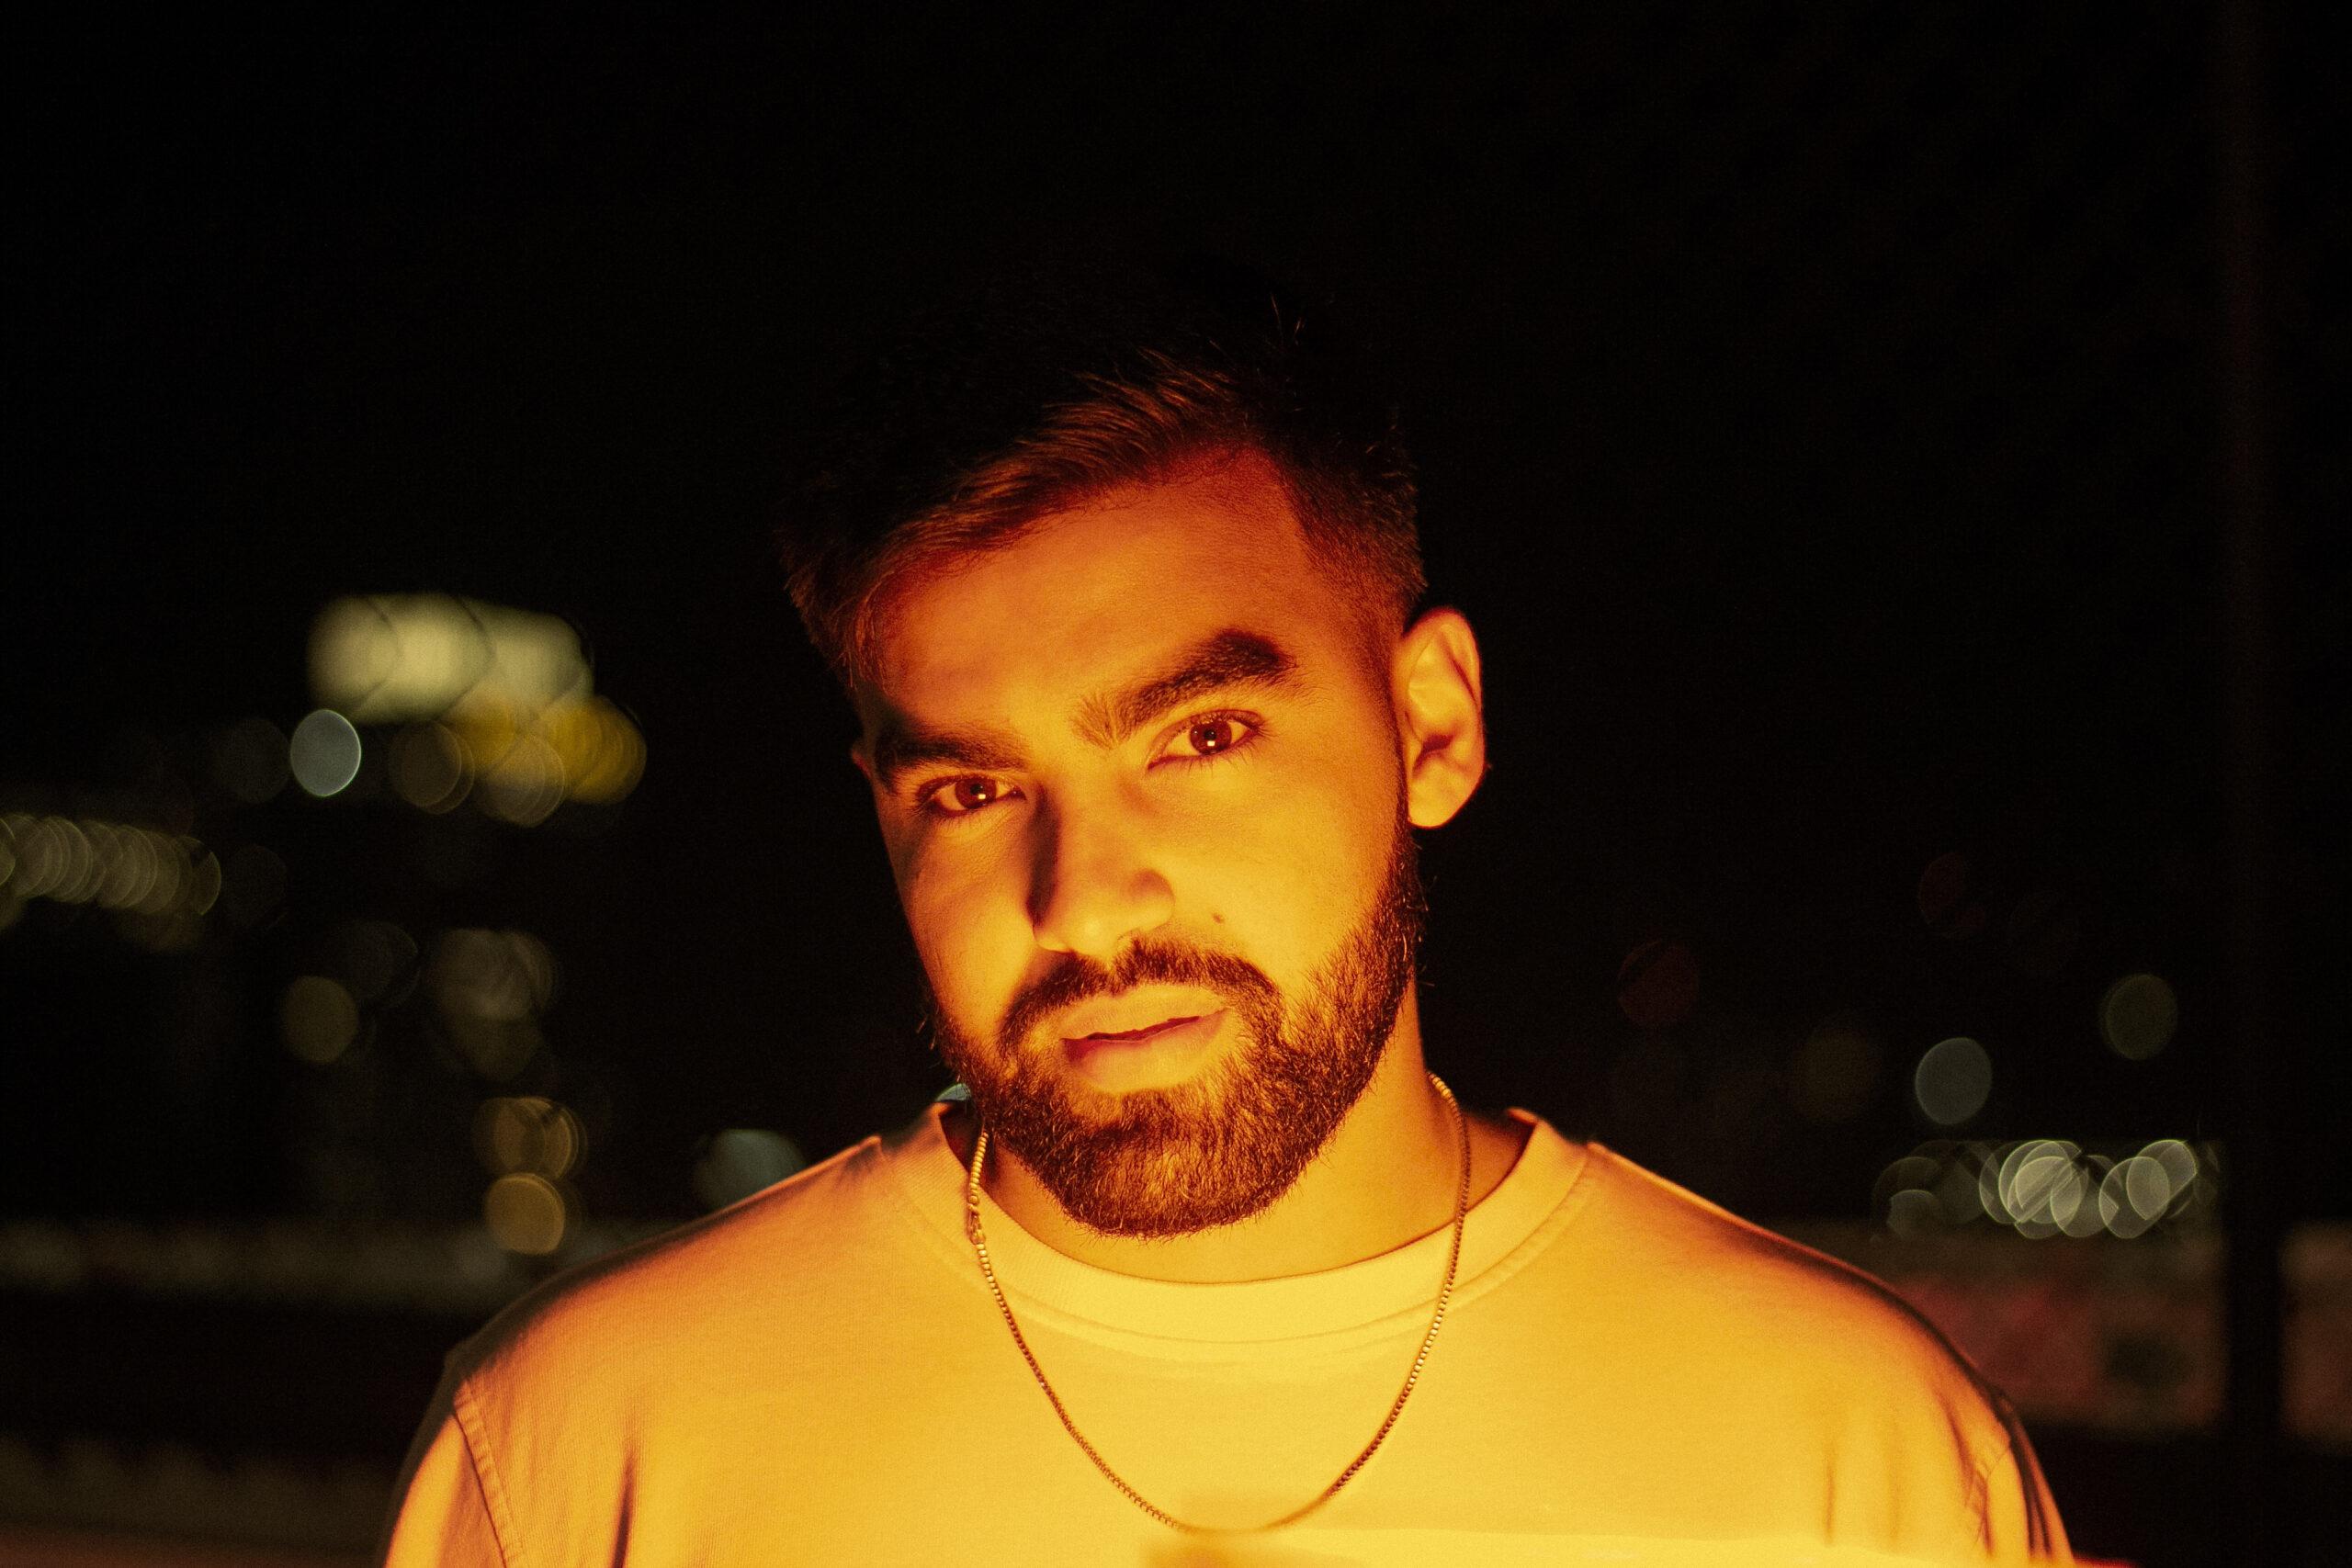 Juanjo Calderón presenta el emotivo video de su sencillo 'Eres de ayer'